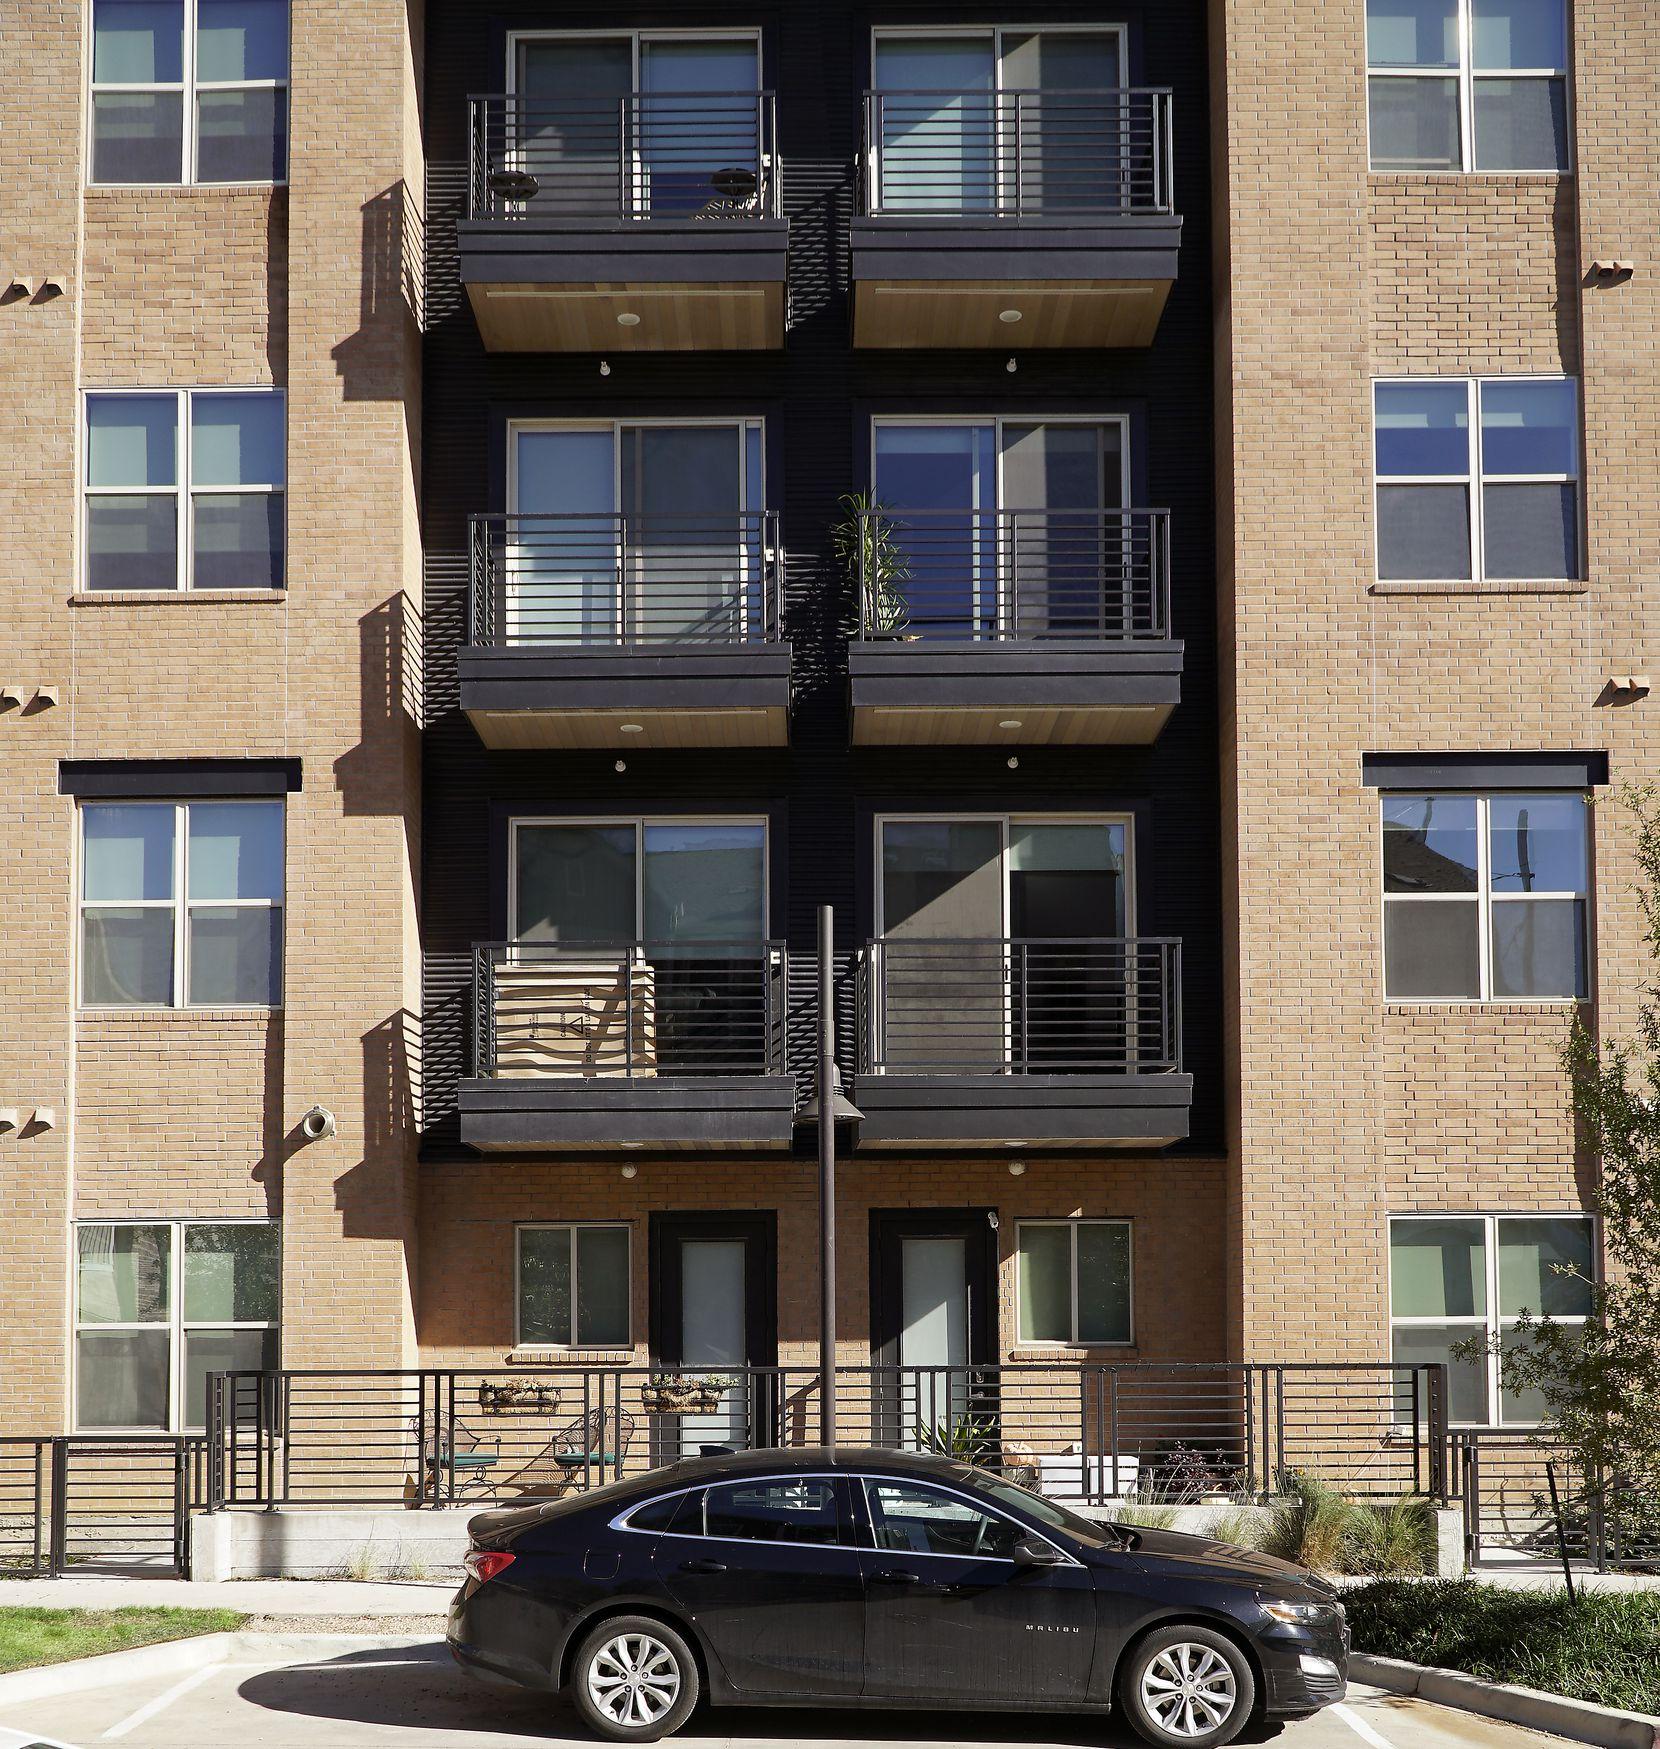 Los Altos Trinity Green Apartments in Dallas.